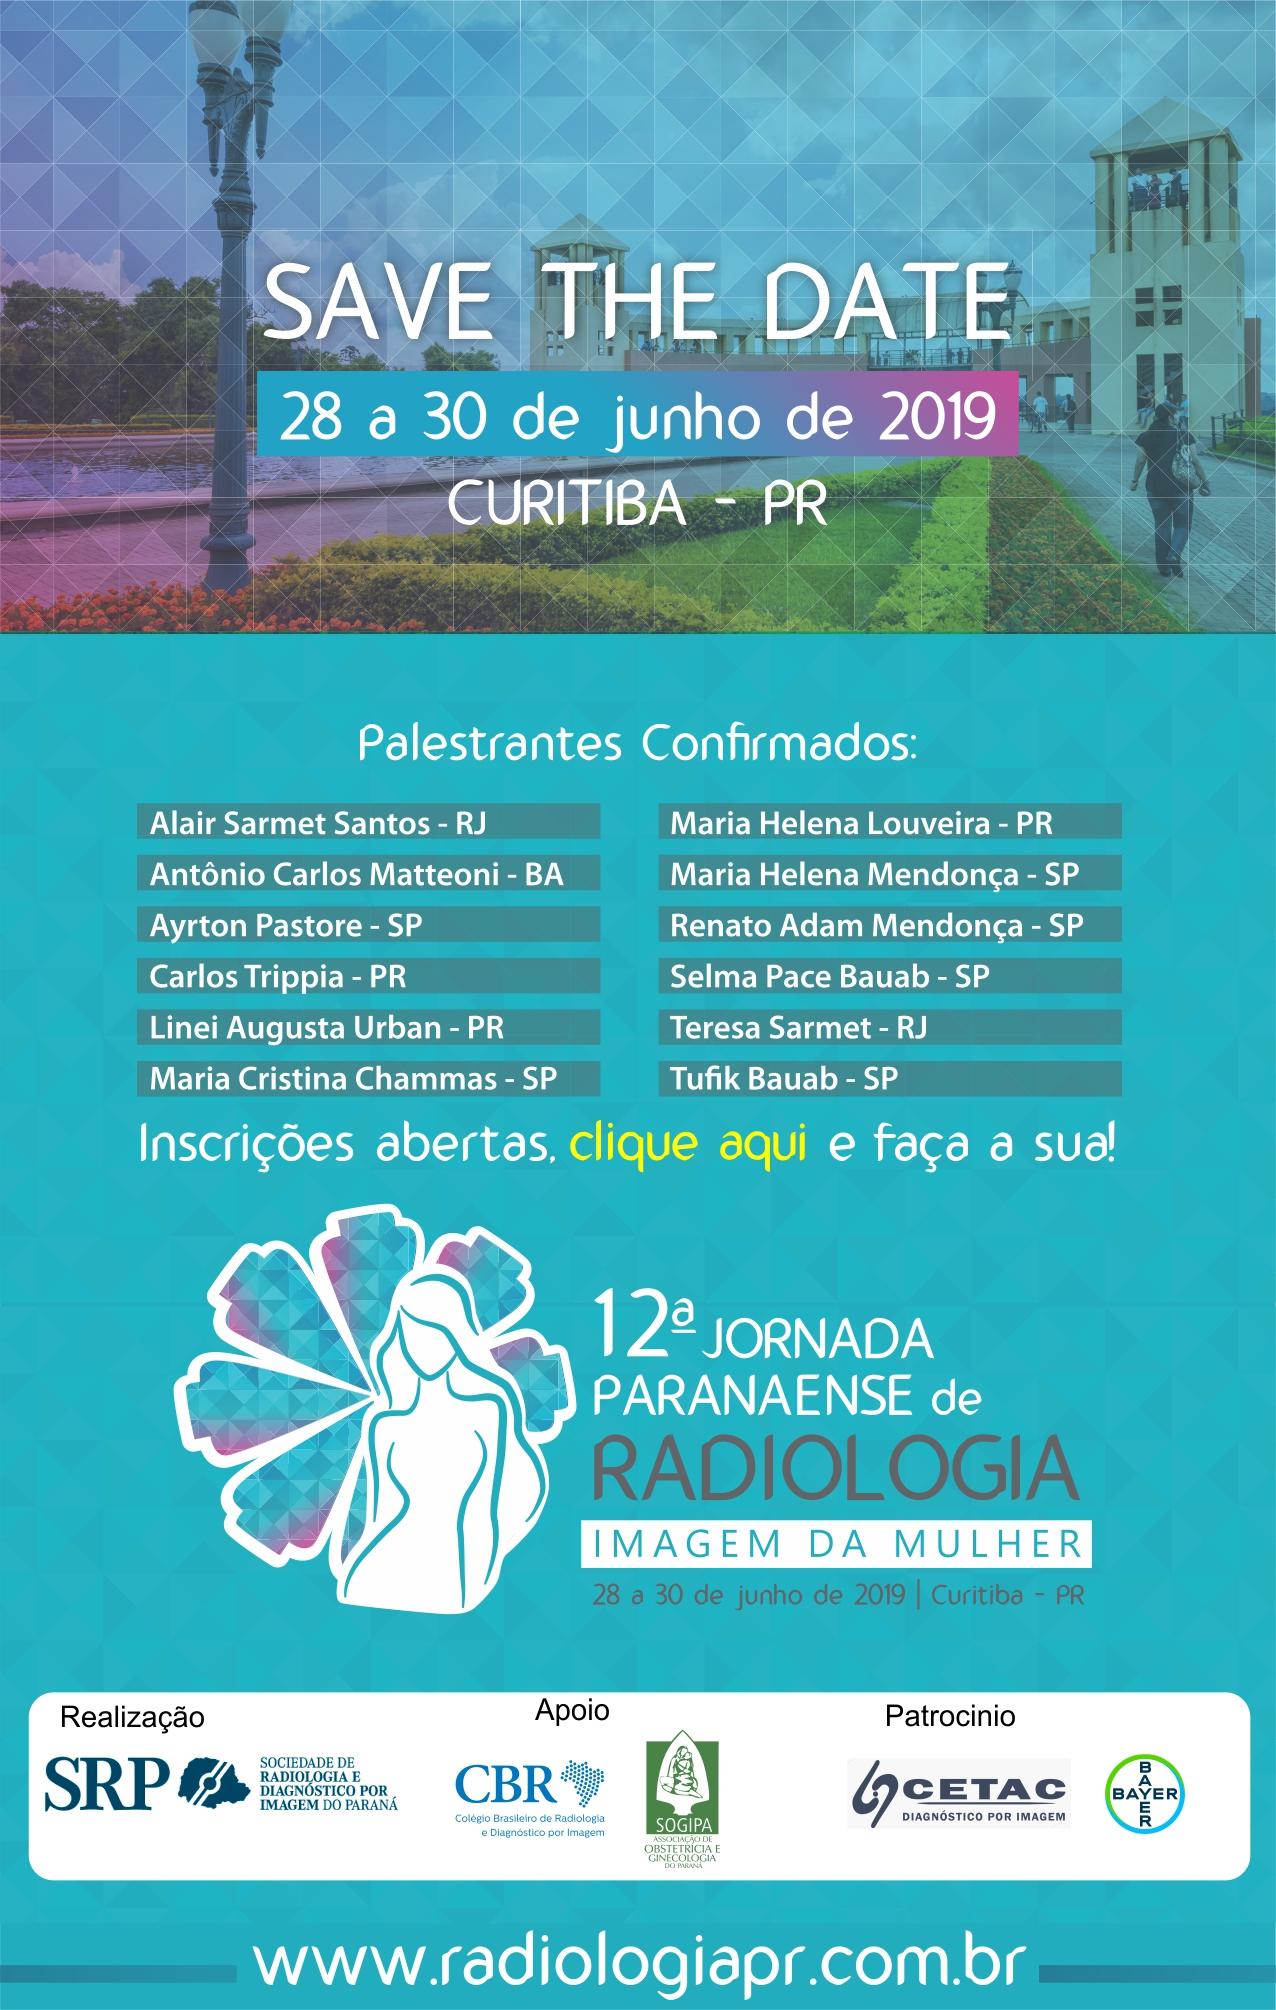 12º Jornada Paranaense de Radiologia